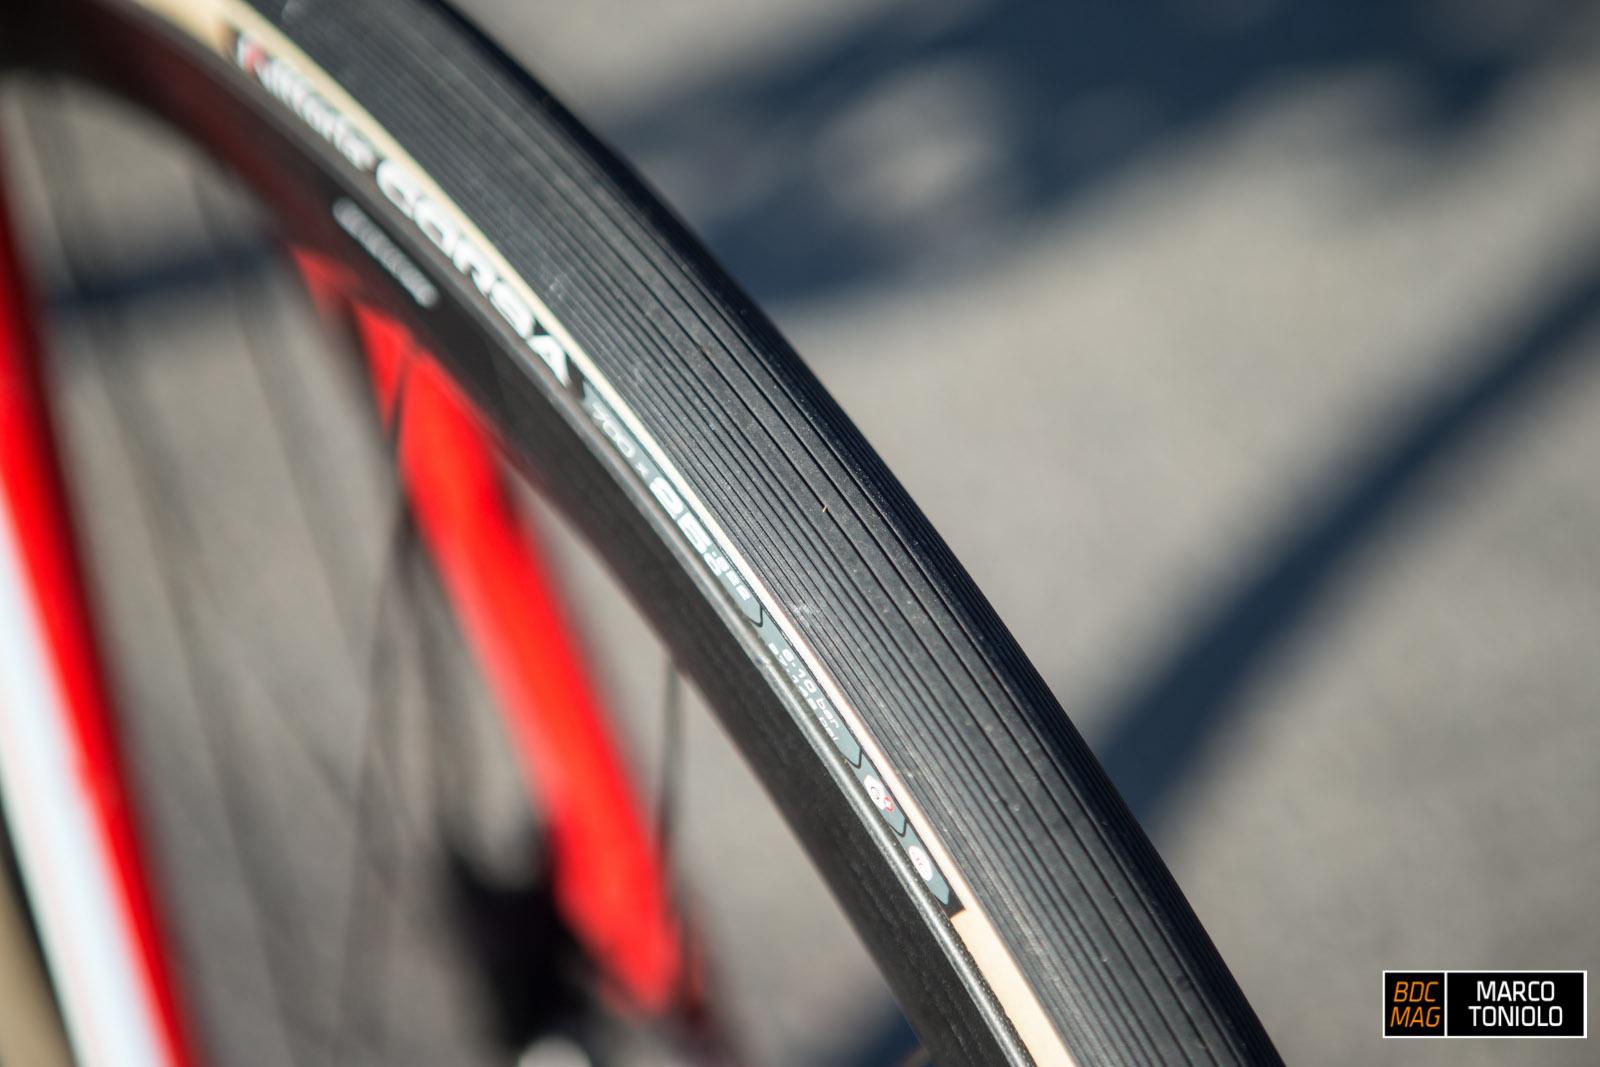 6967449f09d2 Test  Copertoni Vittoria Graphene Corsa 25mm